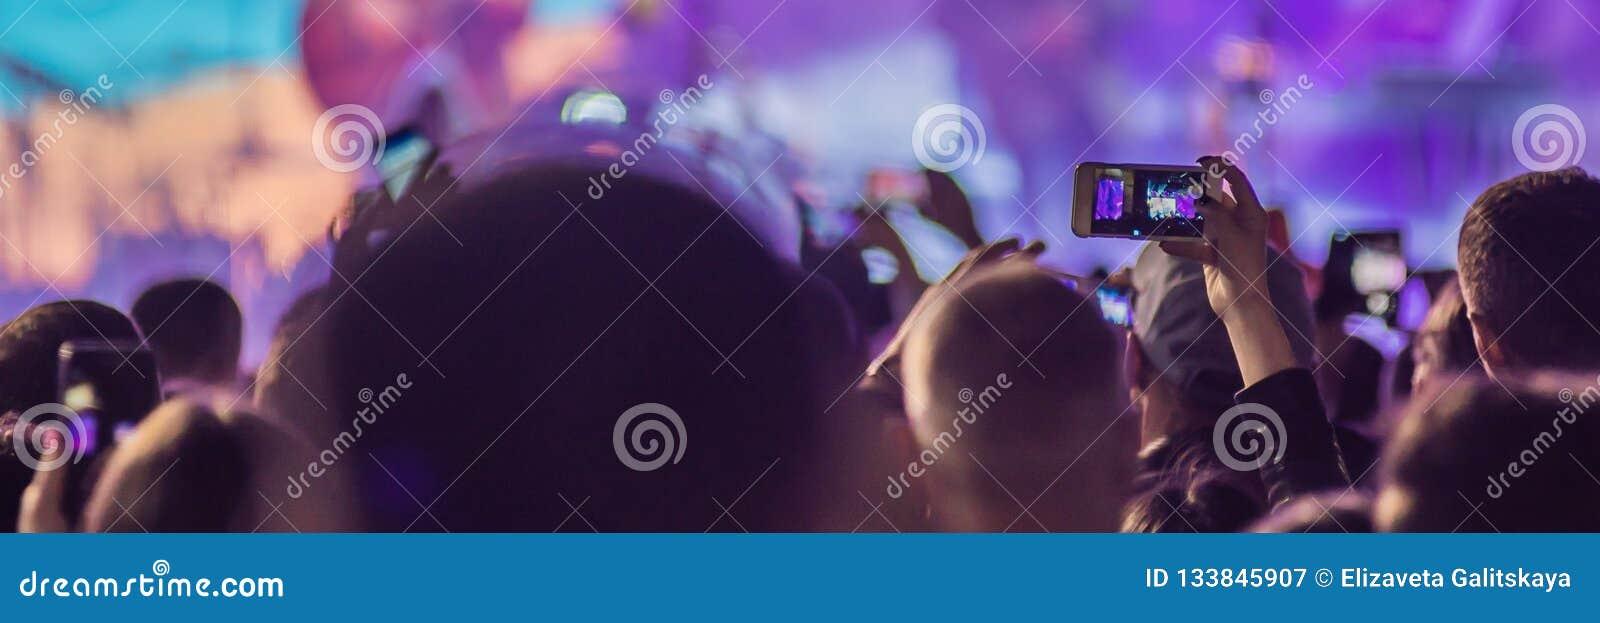 Het gebruik ging mobiele opname, pretoverleg vooruit en de mooie verlichting, Spontaan beeld van menigte bij rotsoverleg, sluit o